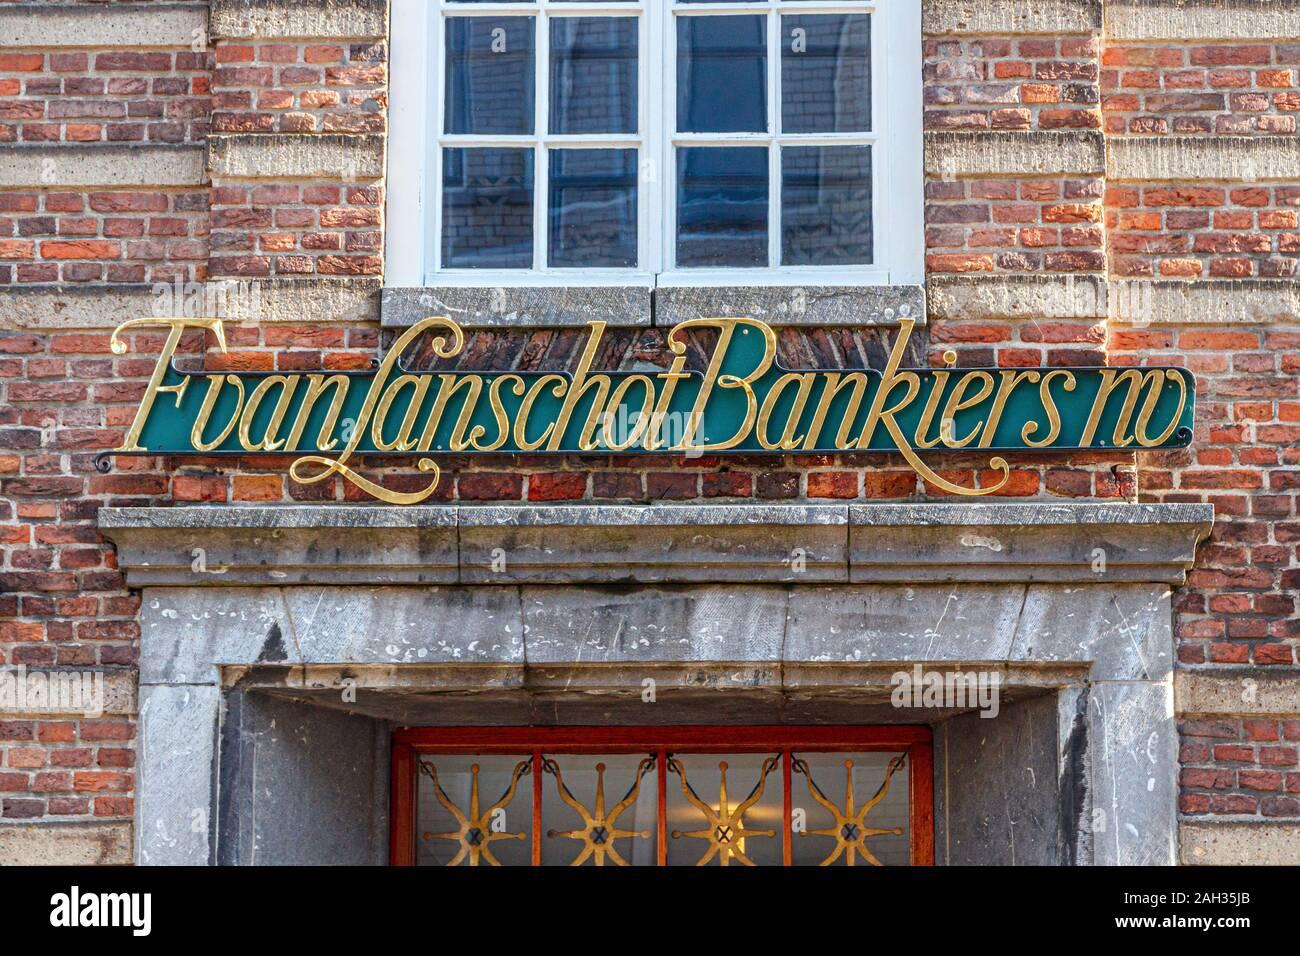 Vista frontal de la cartas chapado en oro en la fachada de la sede Van Lanschot NV. Steenweg Hooge, 's Hertogenbosch, Holanda. Foto de stock